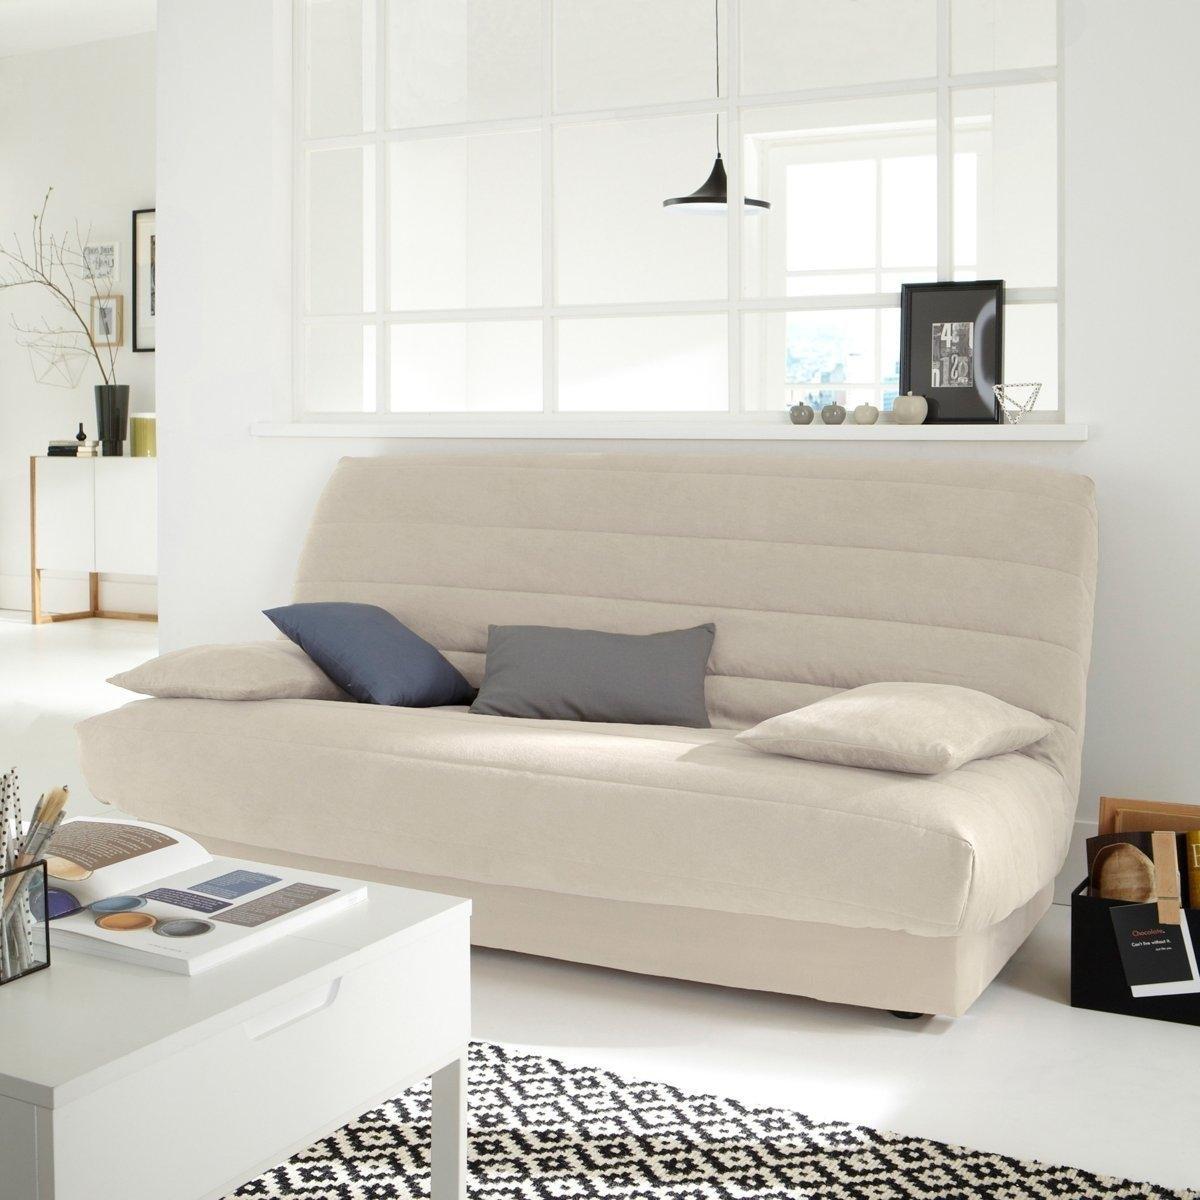 Чехол для раскладного дивана из искусственной замши от La Redoute